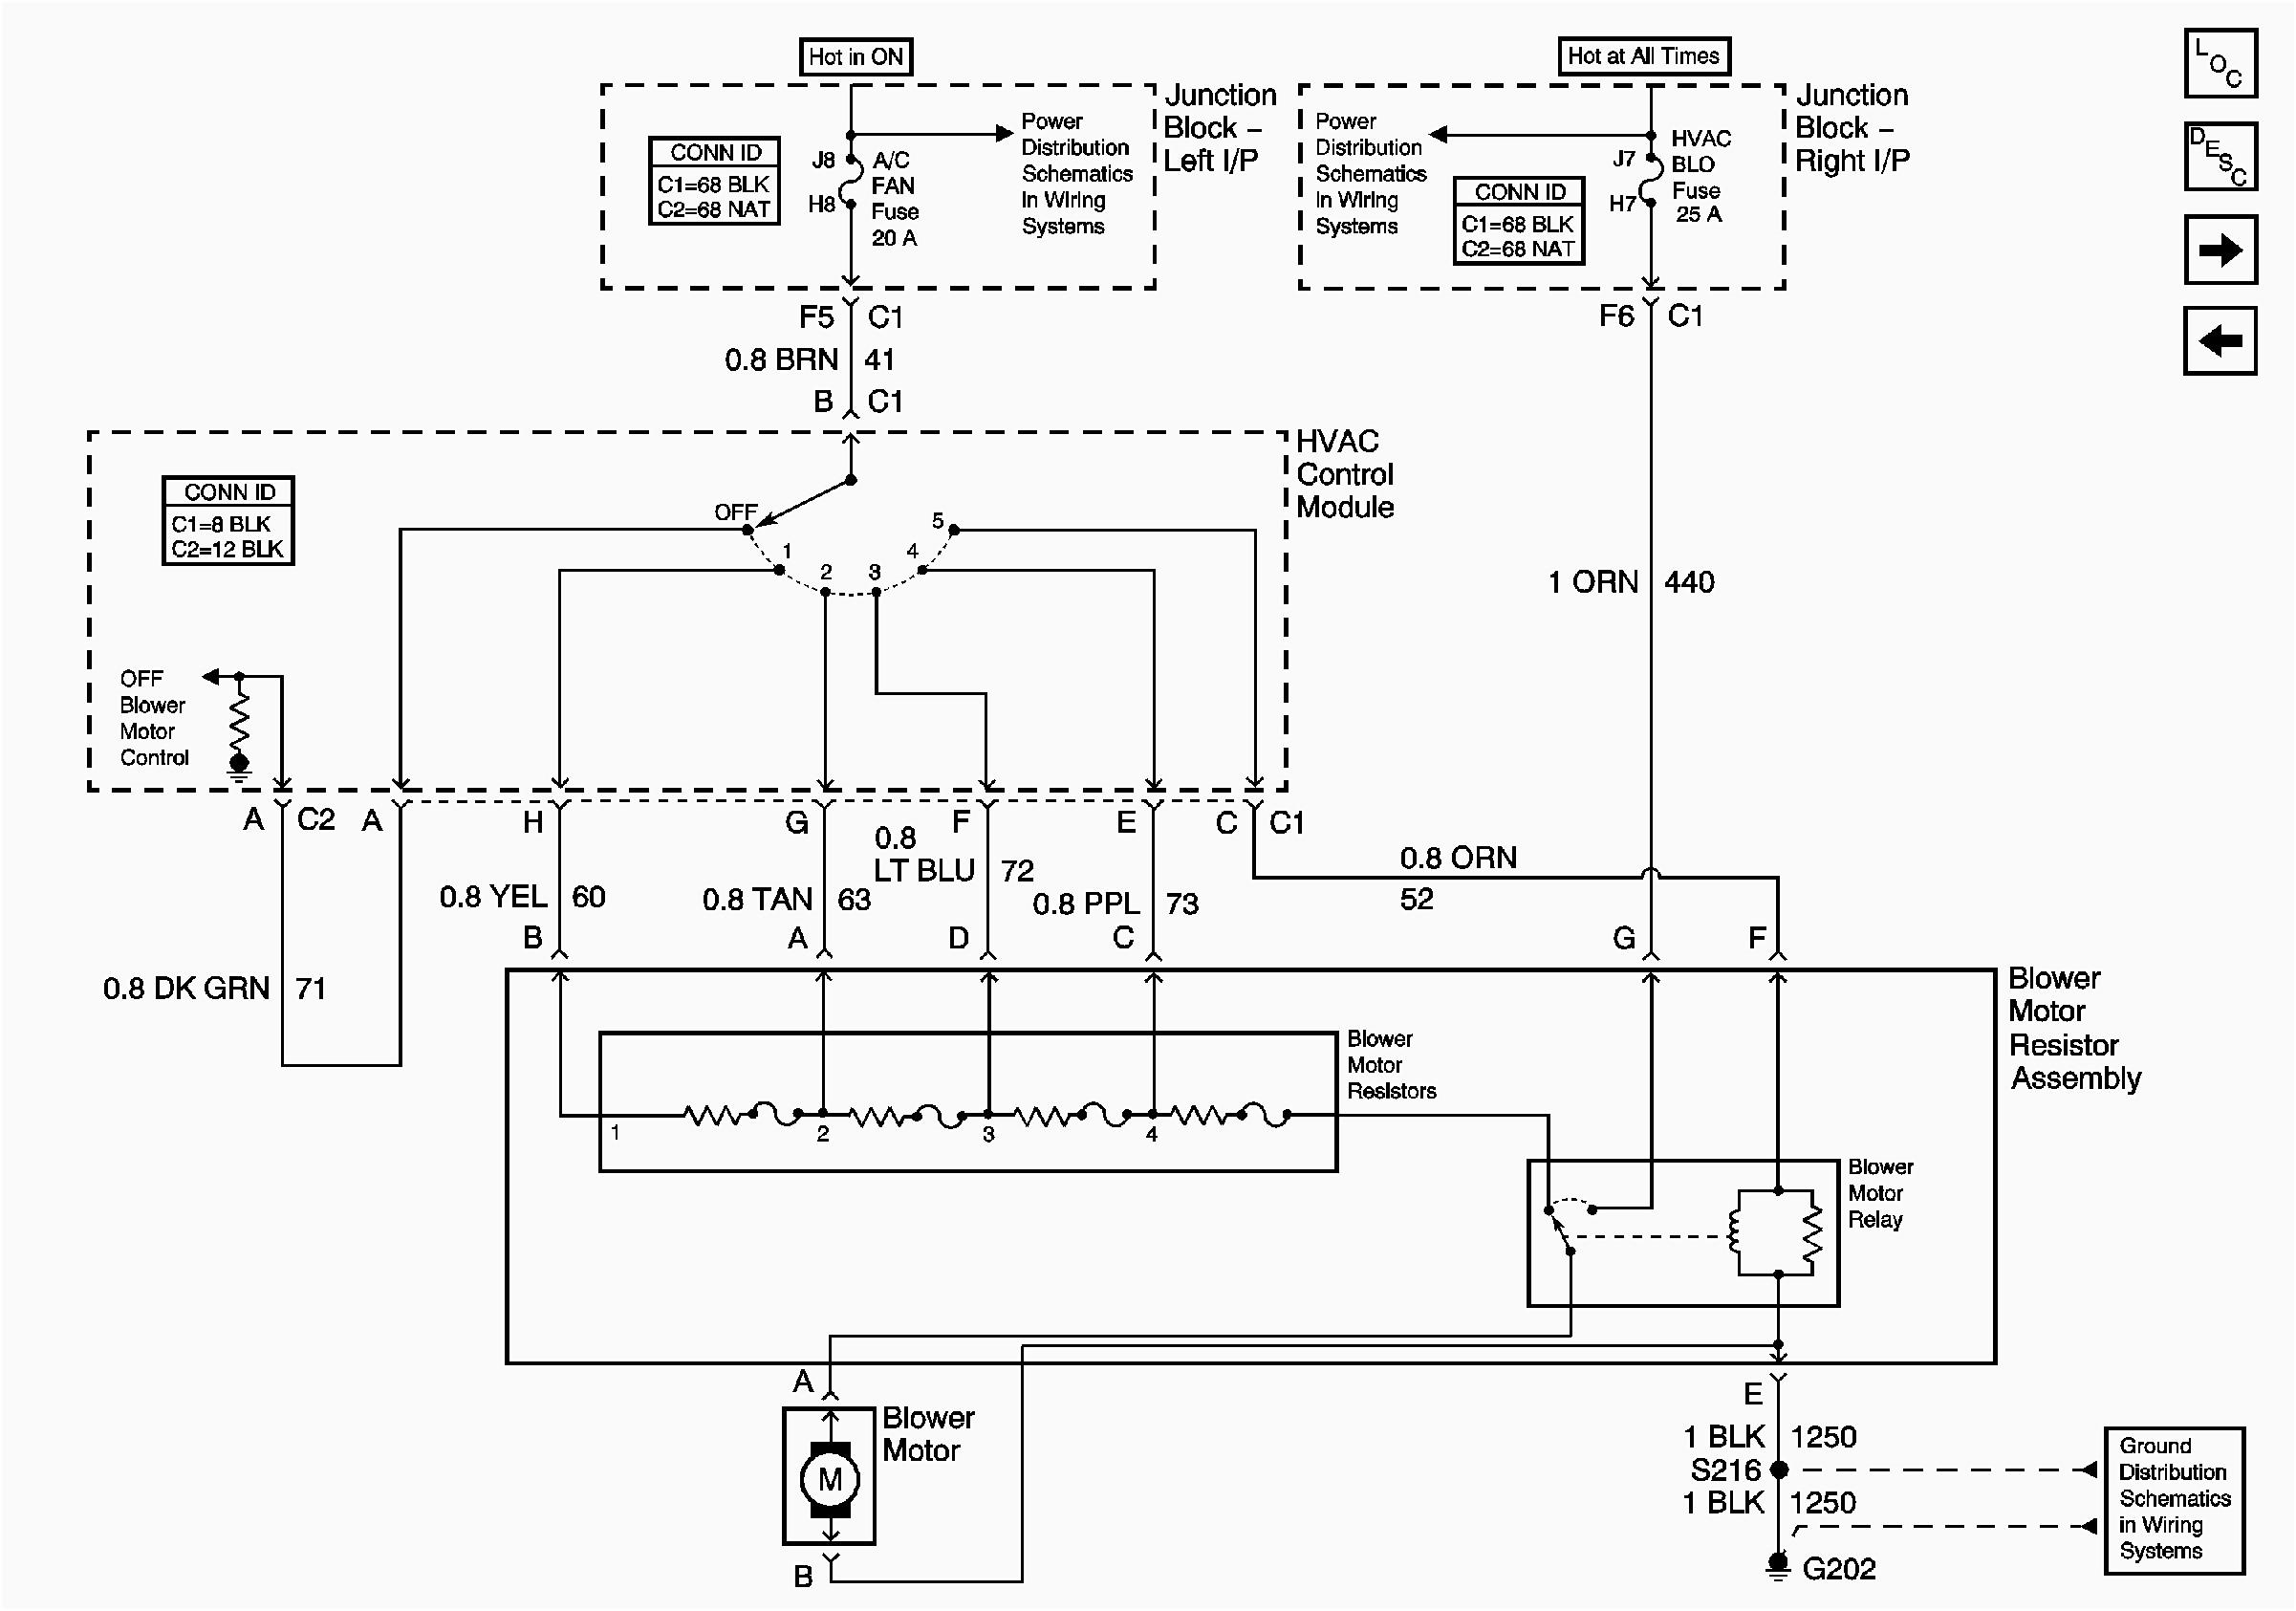 Wiring Diagram Blower Motor Furnace Fresh Aprilaire 700 Best Of For - Aprilaire 700 Wiring Diagram